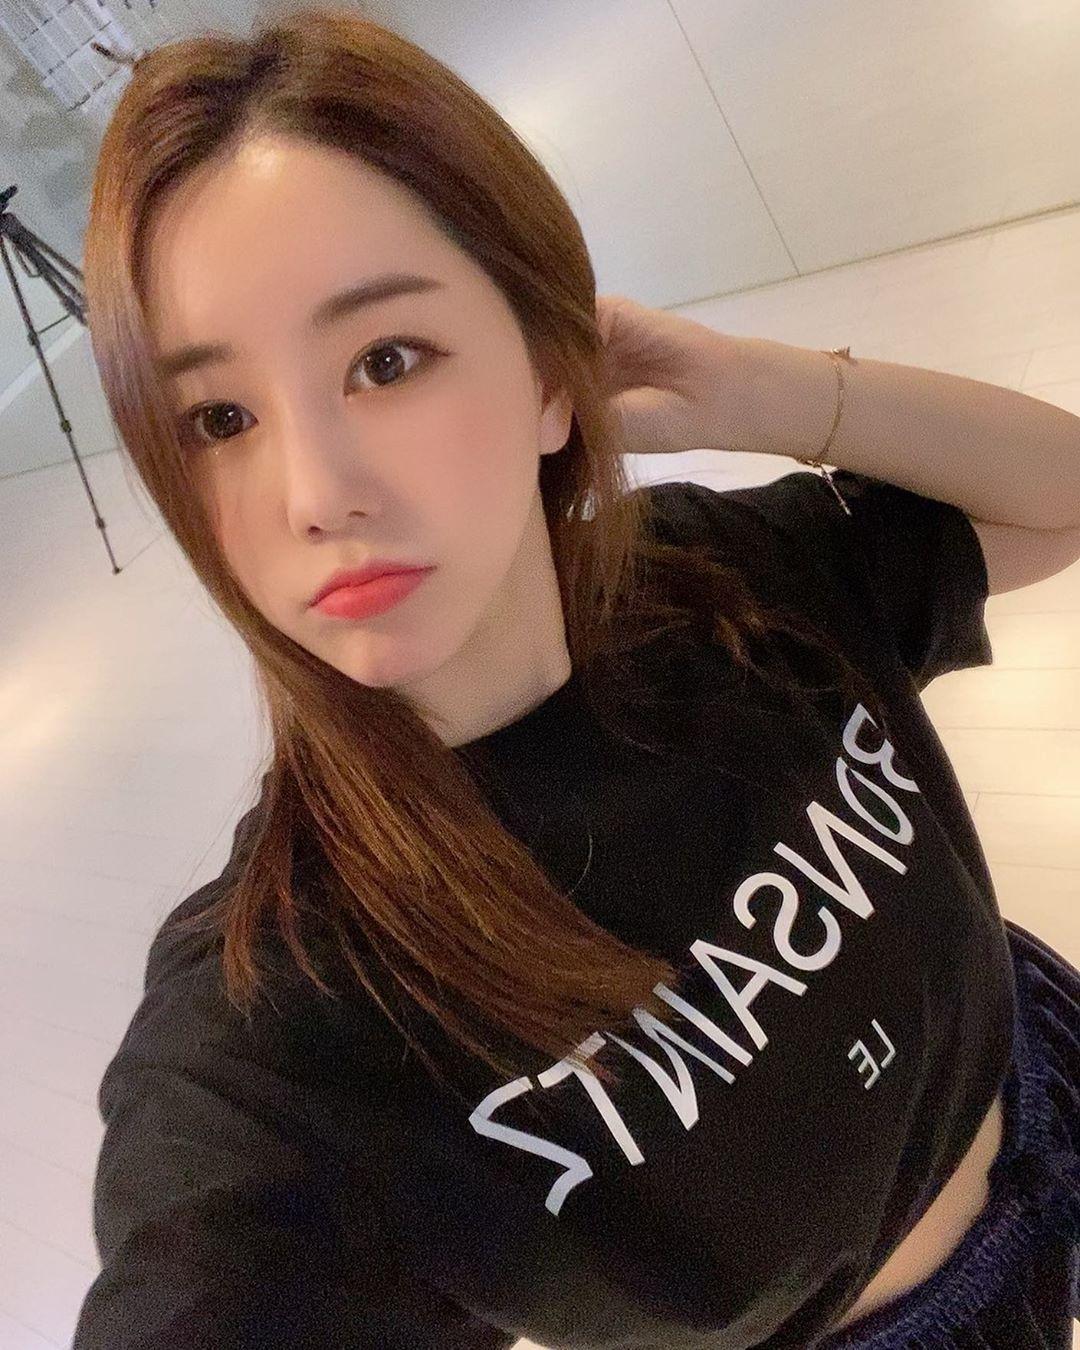 南韩前SBS体育美女主播黄宝美(황보미) 养眼图片 第5张